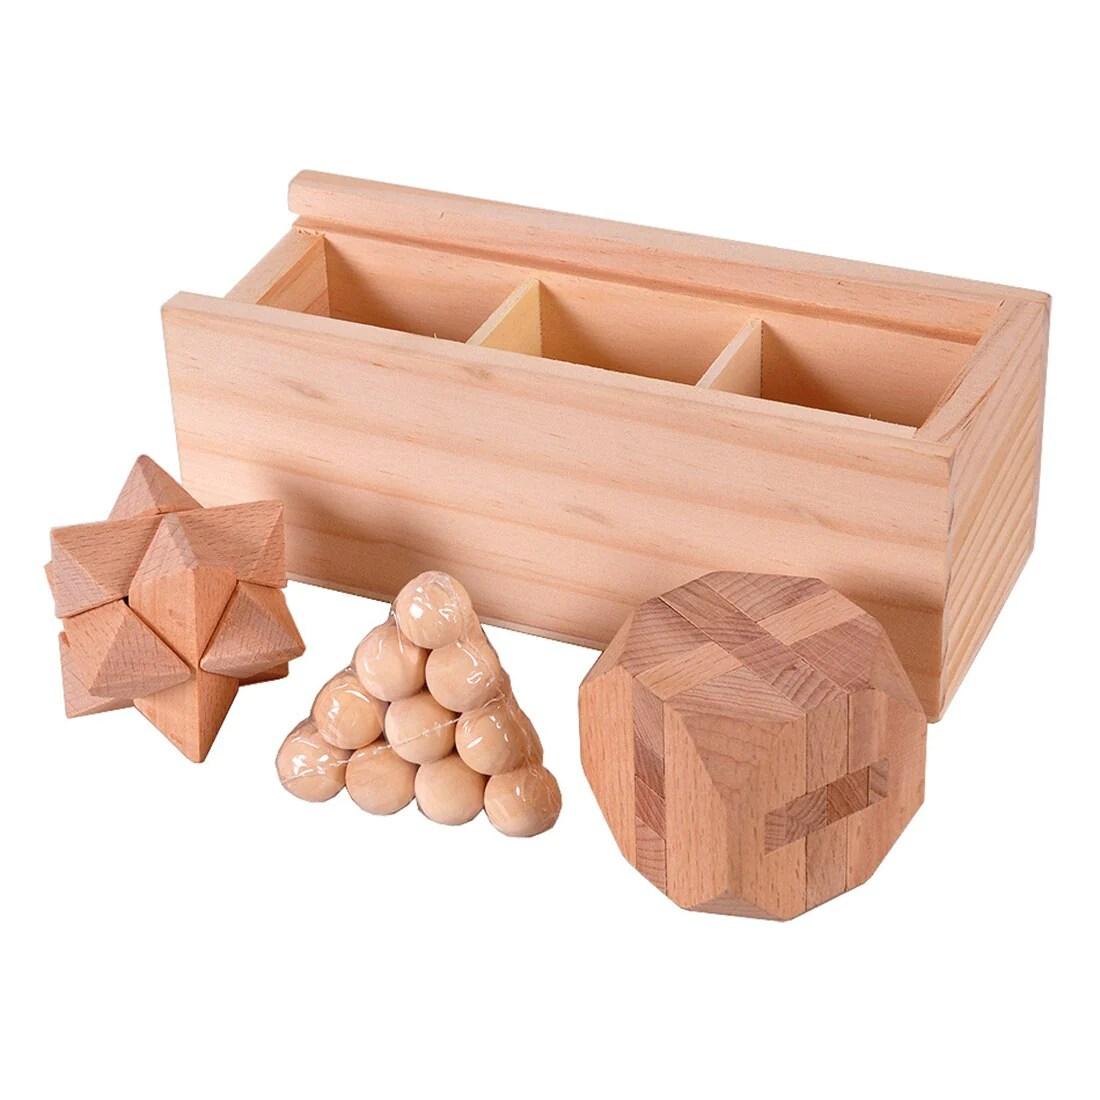 casse tete en bois boite en bois 3 pieces